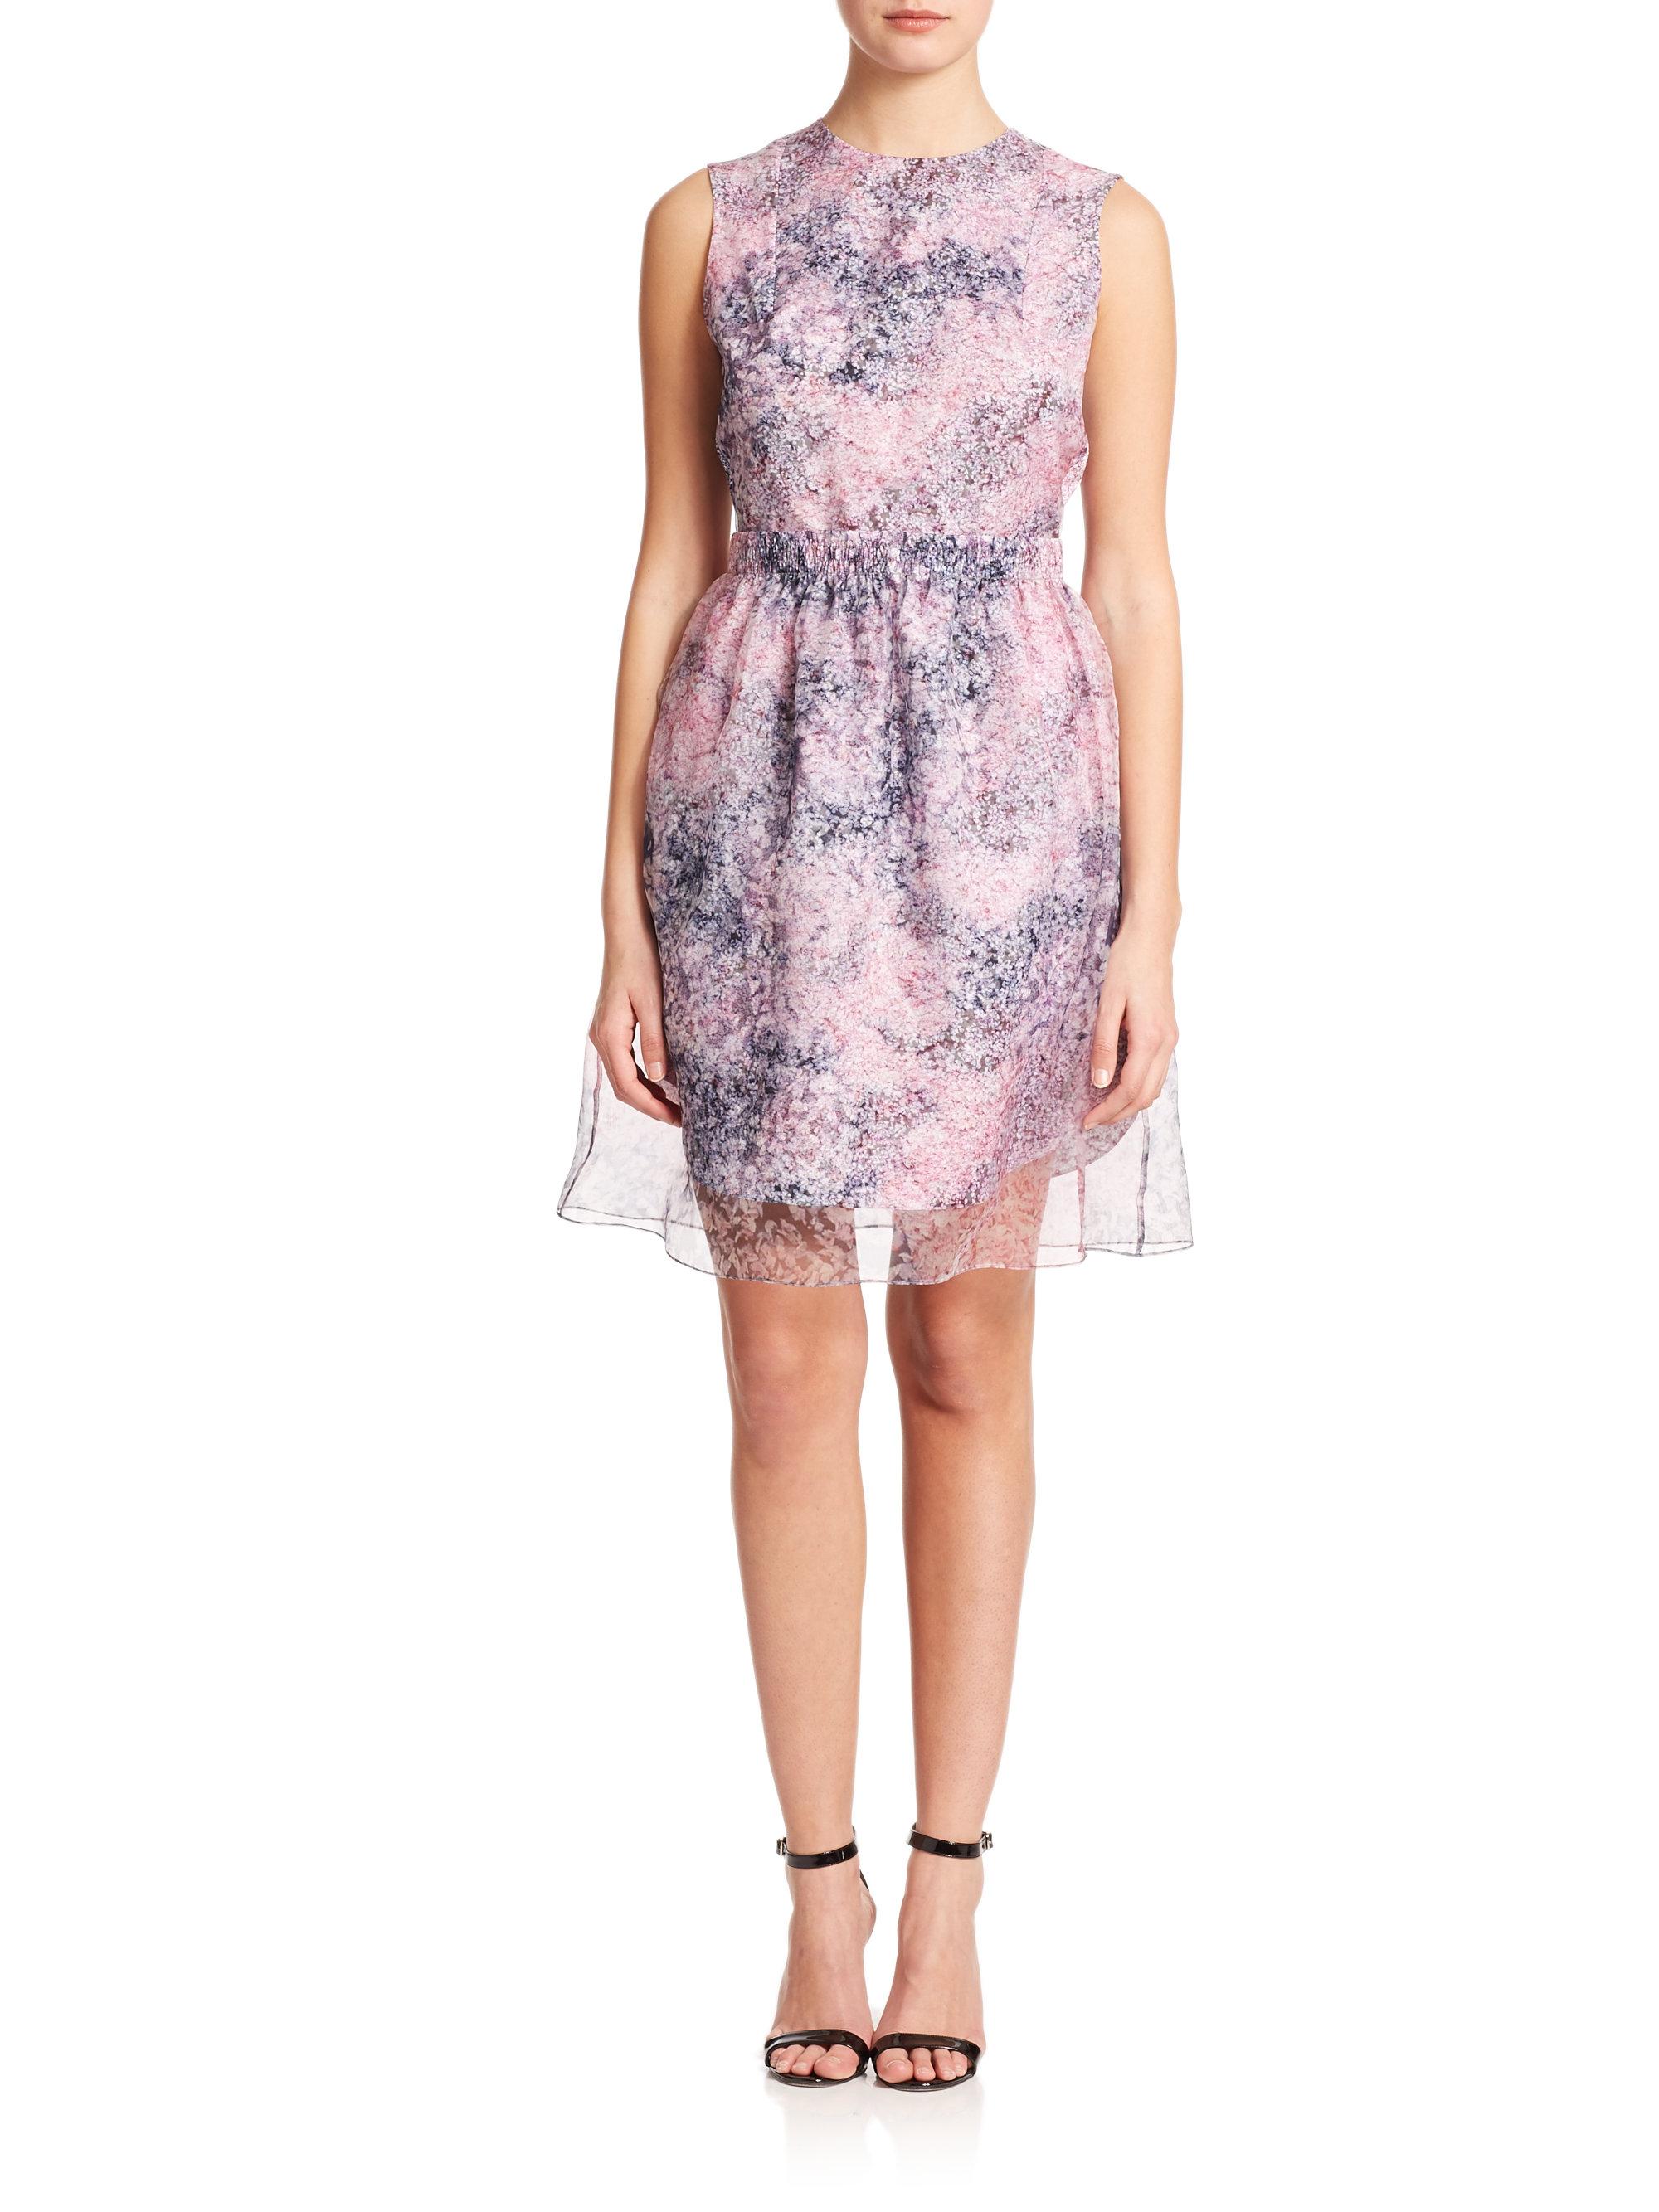 Lyst - Carven Petals-Print Organza Dress